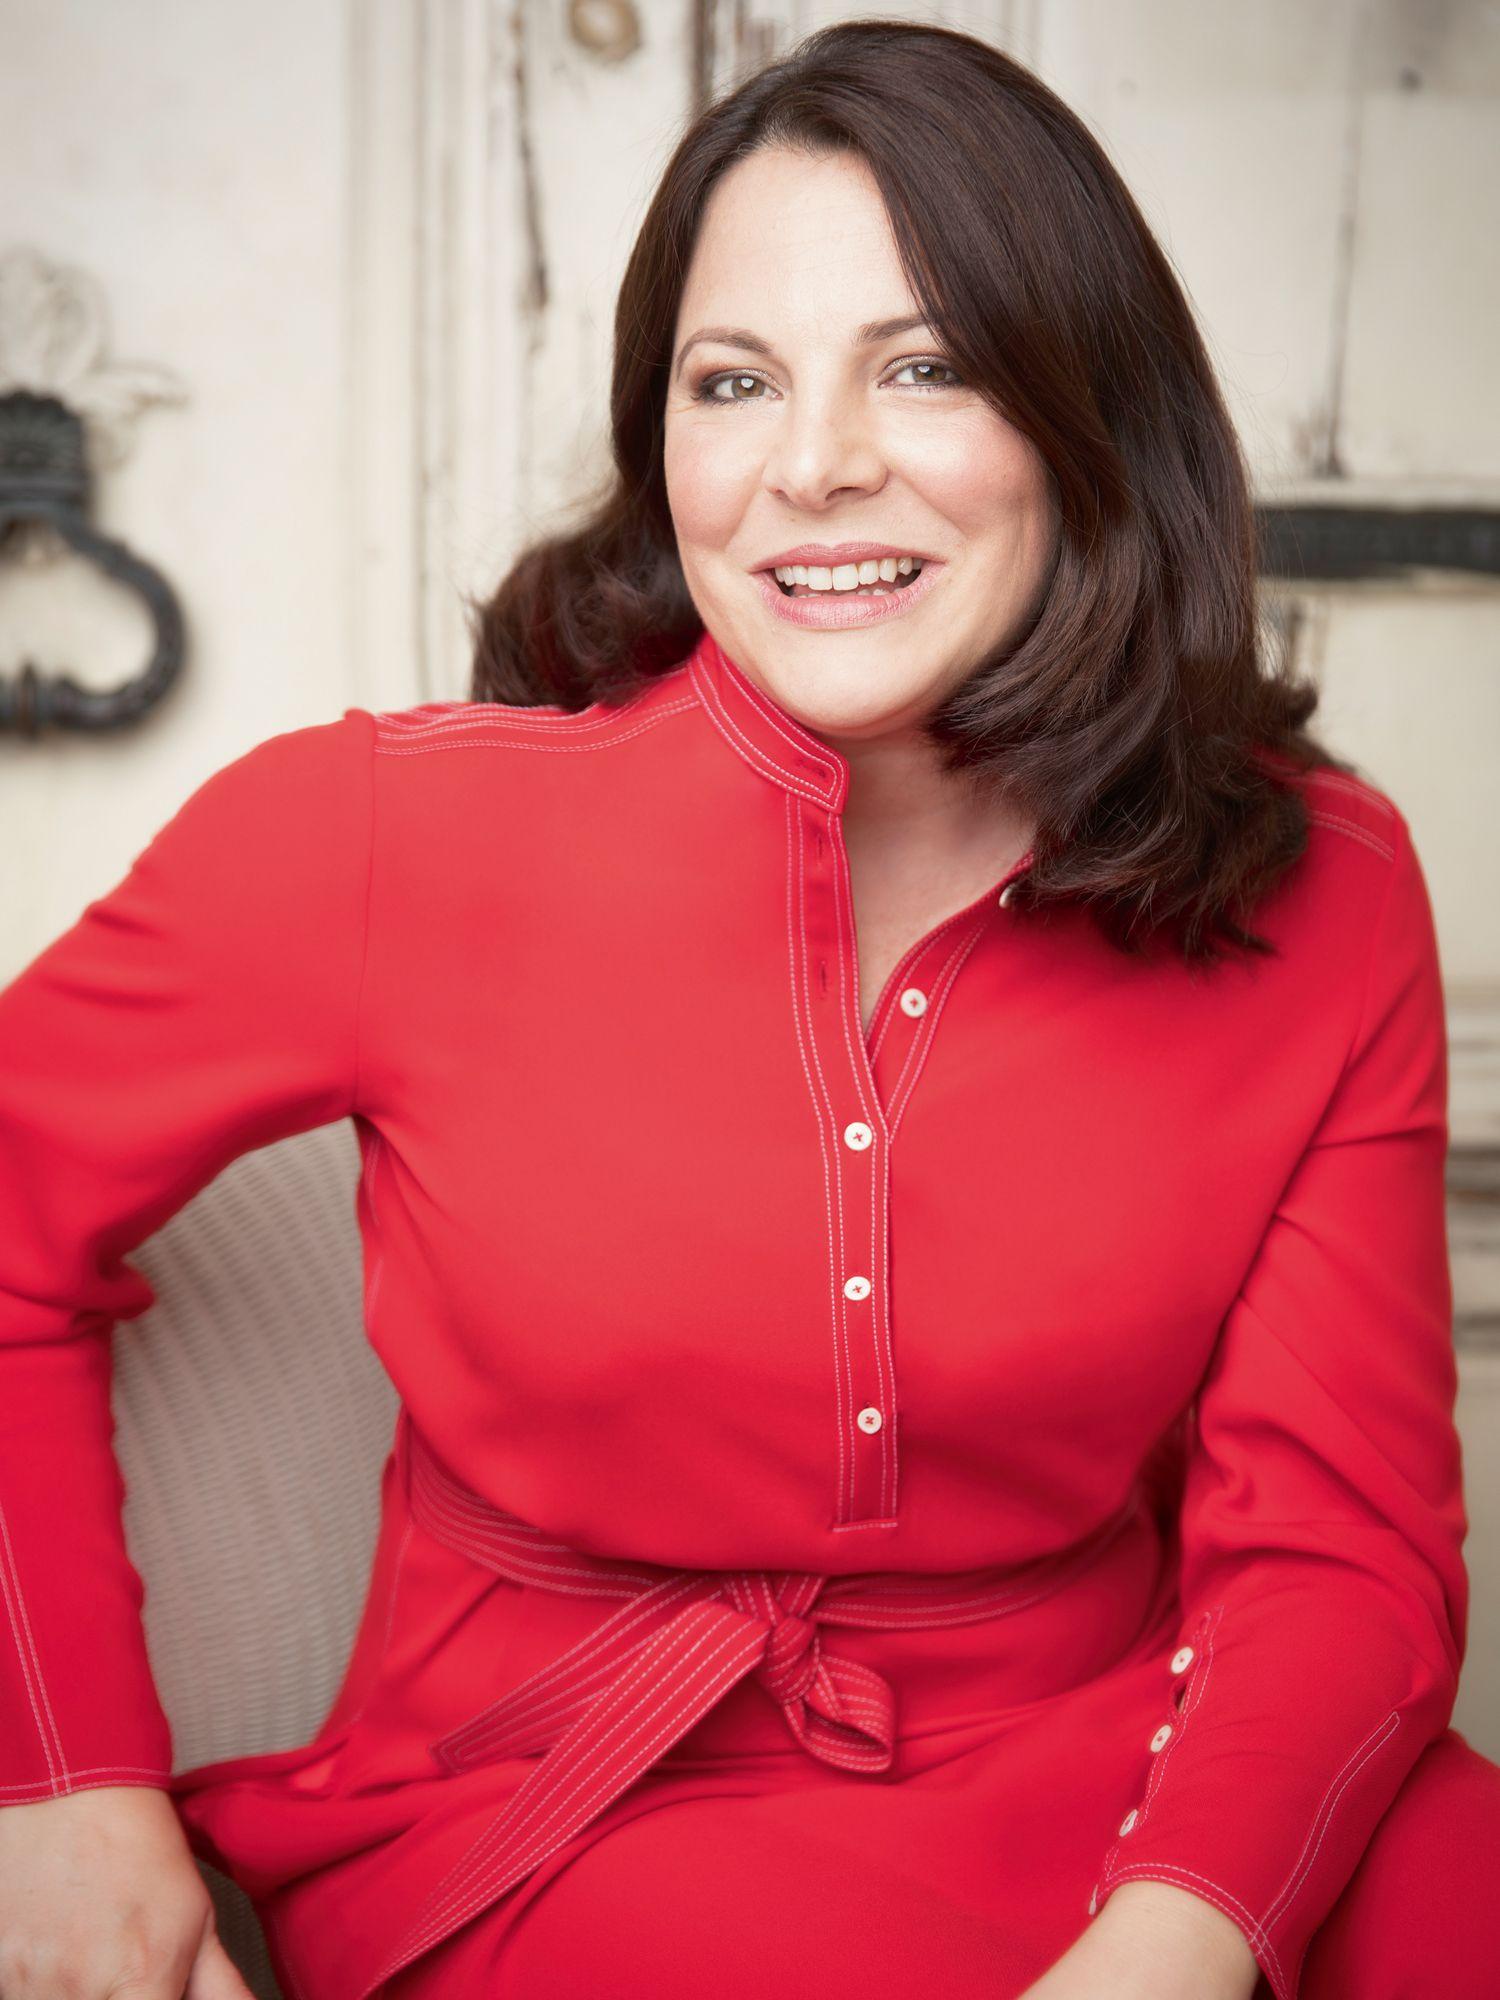 British interior designer Rebecca James